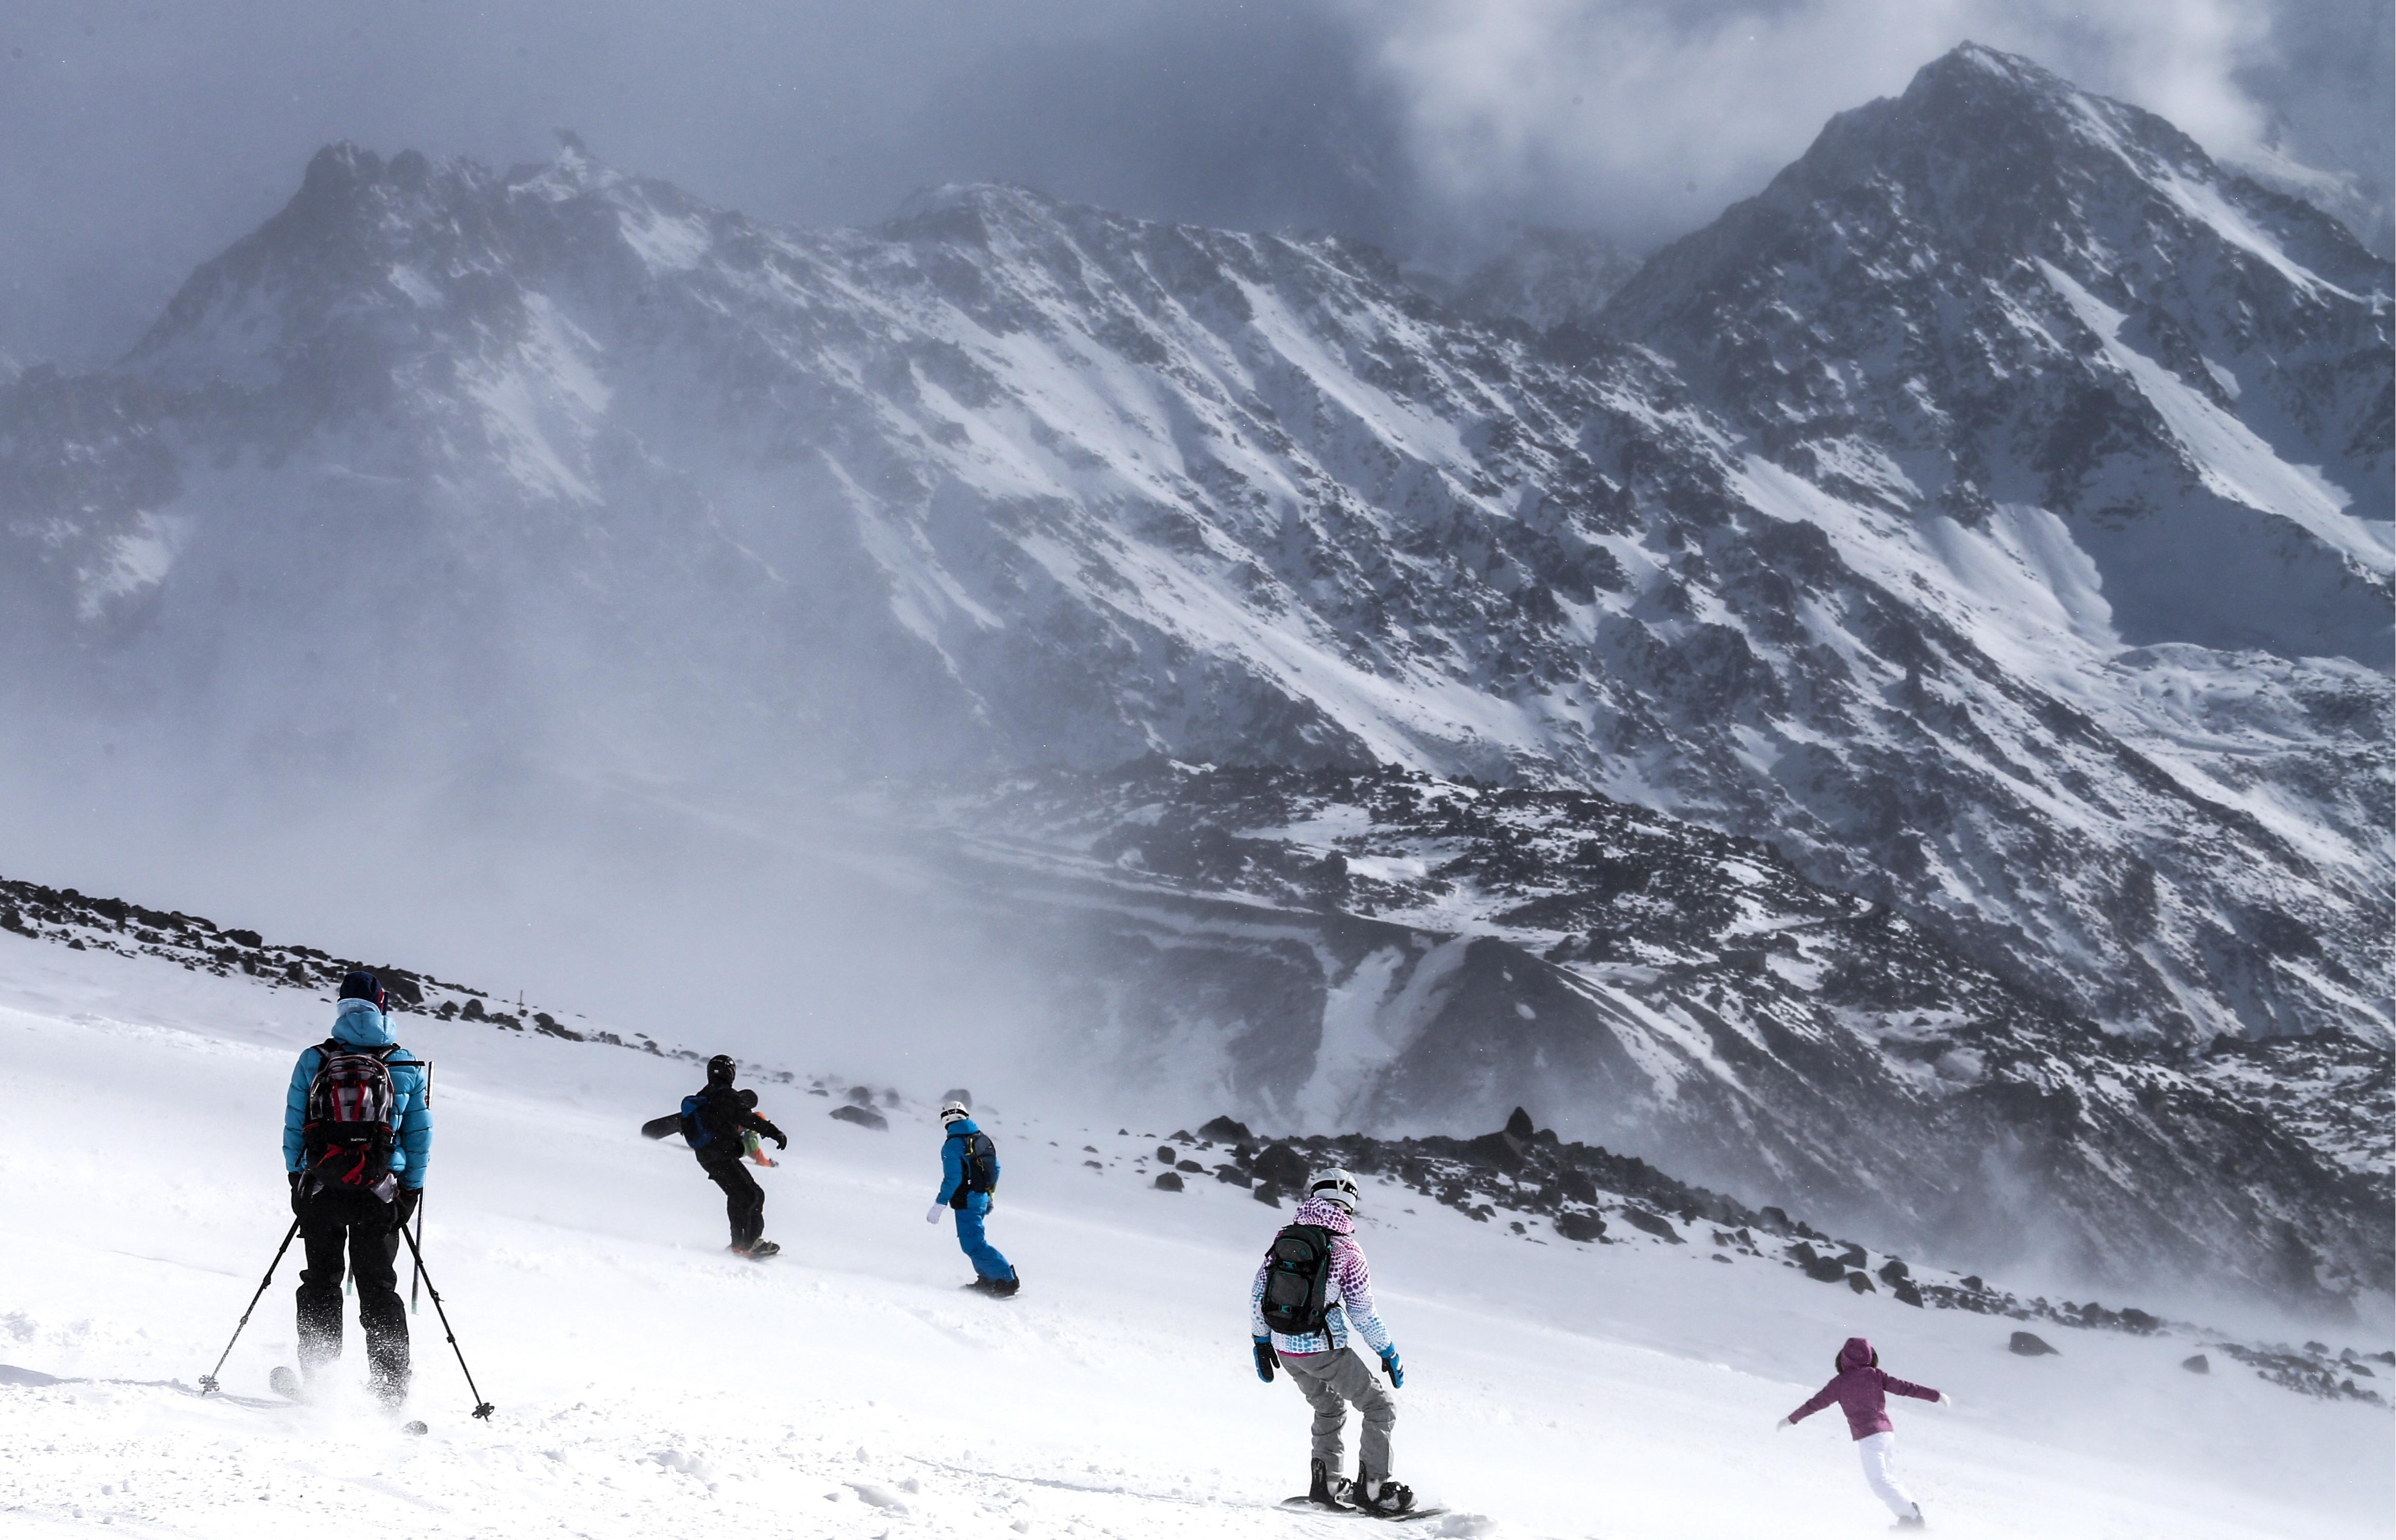 10 вопросов о высоком: проверьте, как много вы знаете о горах